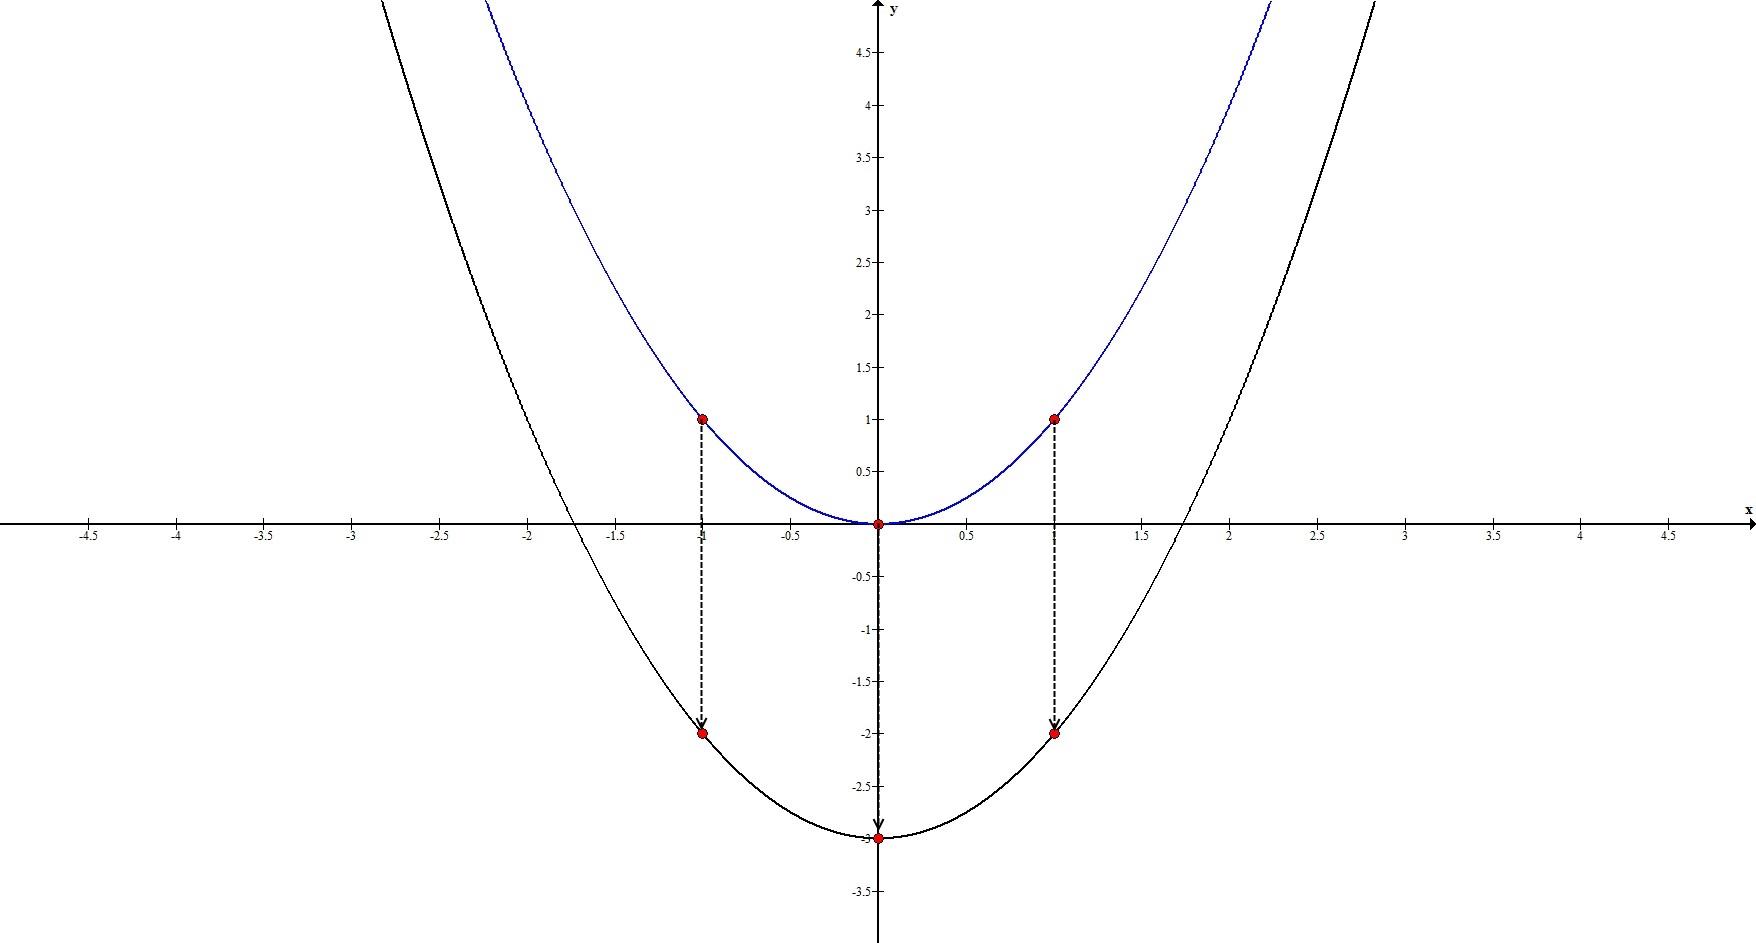 Геометрические преобразования. Параллельный перенос по Оy. Пример 1.